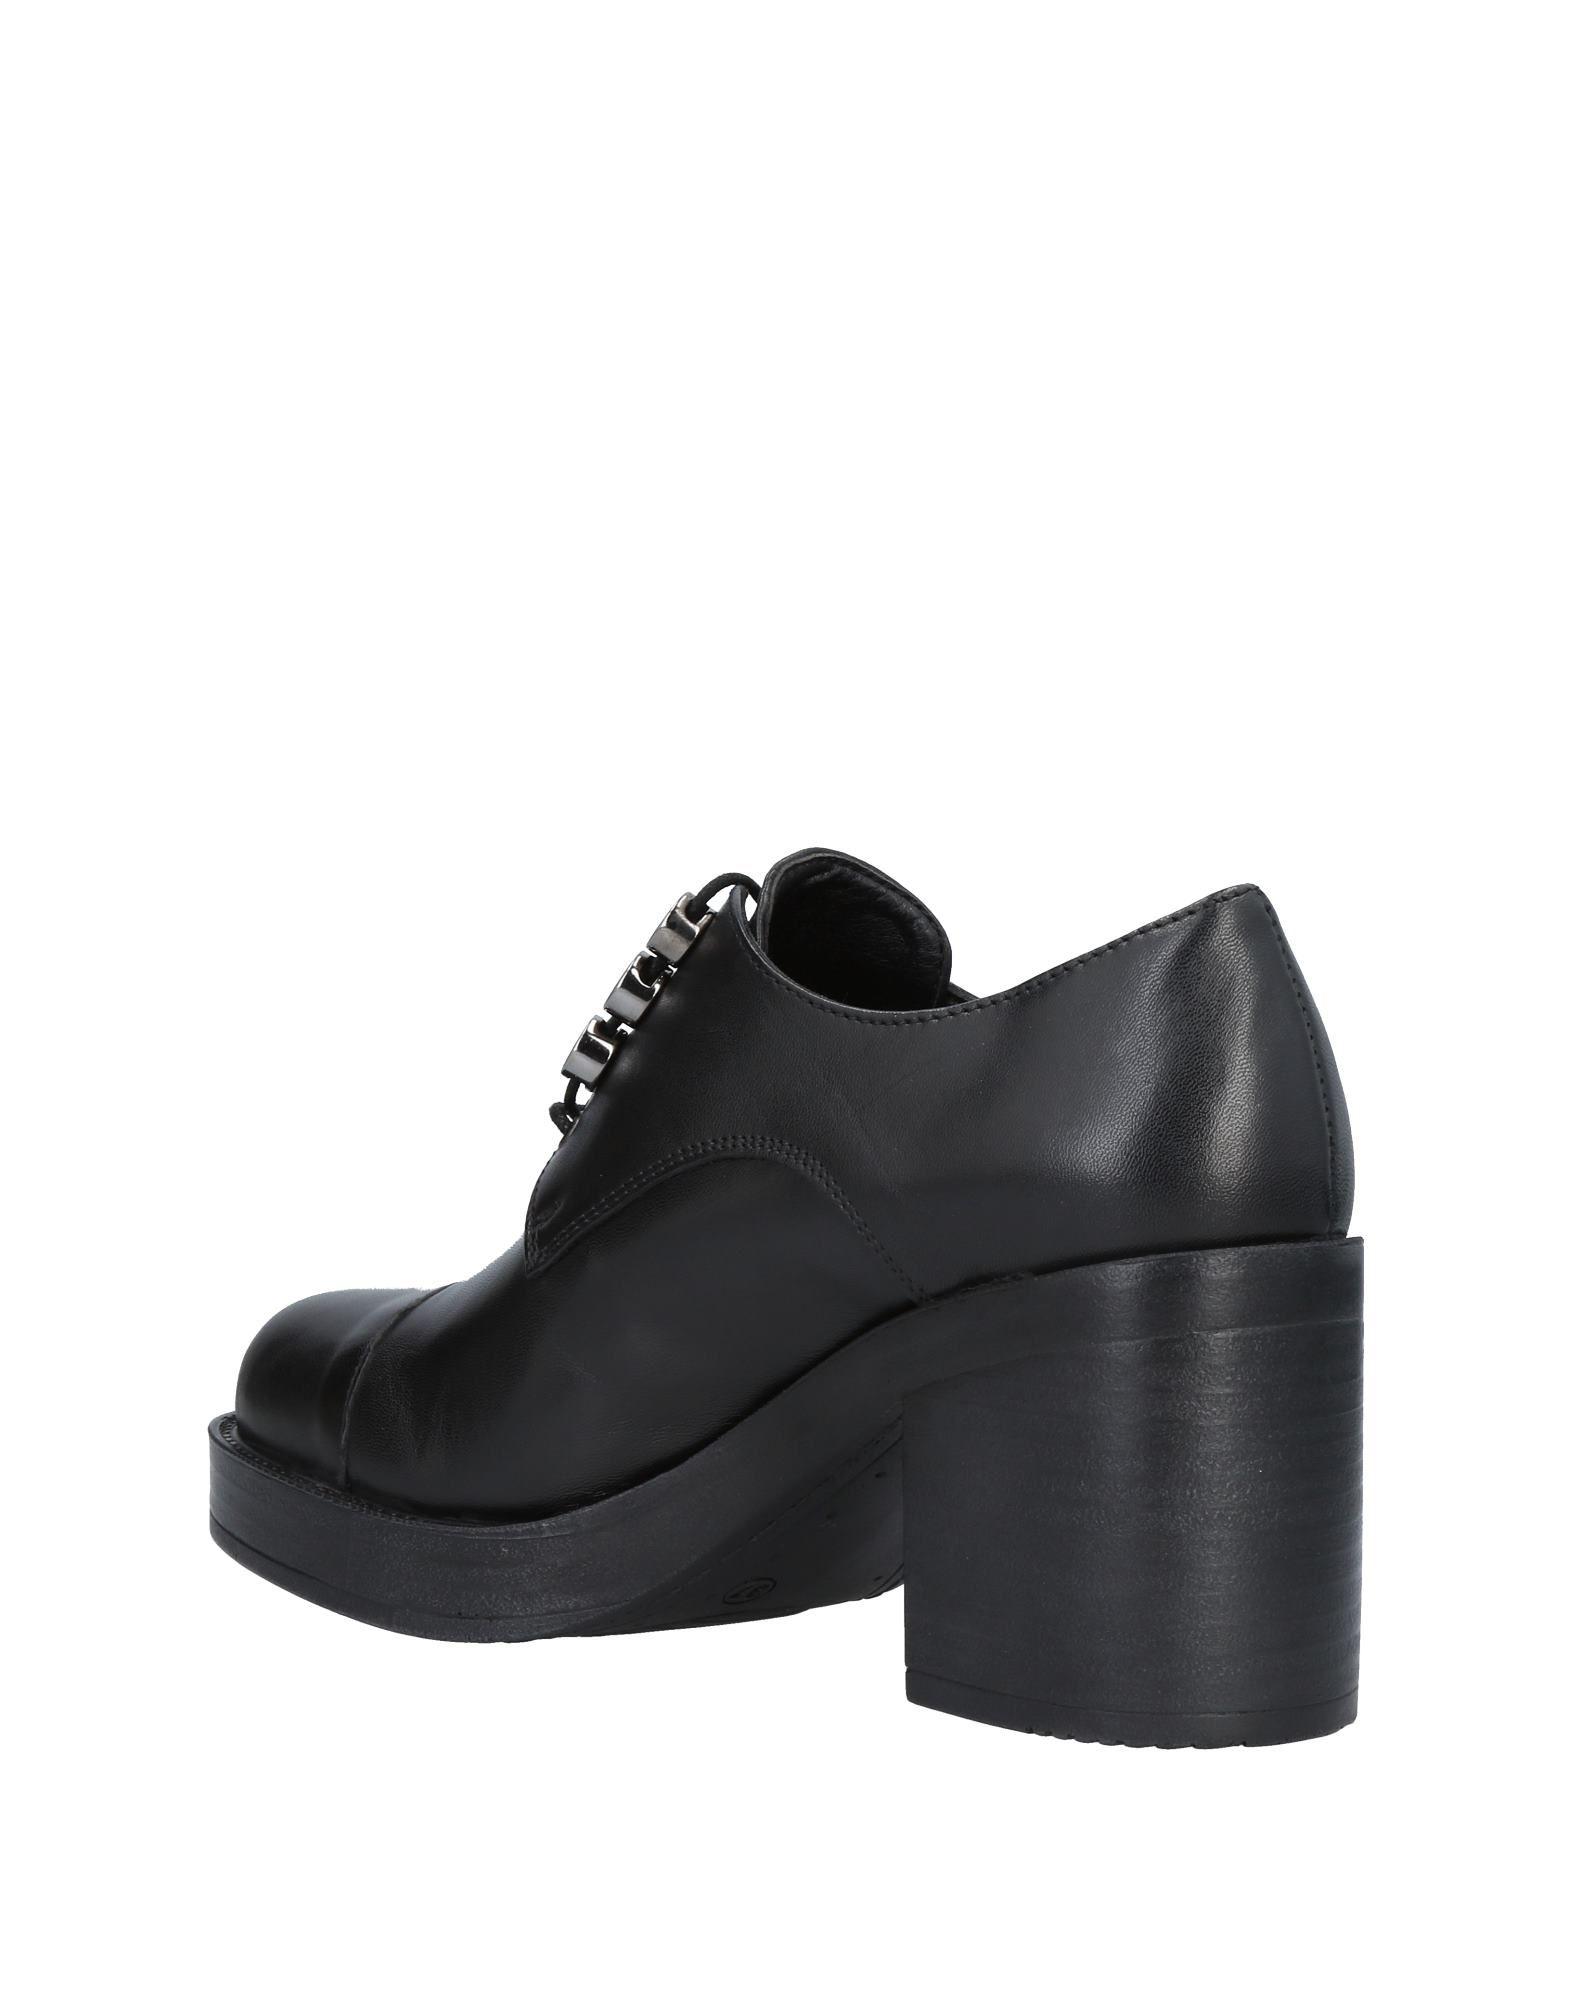 Formentini Heiße Schnürschuhe Damen  11478916QX Heiße Formentini Schuhe 0131aa